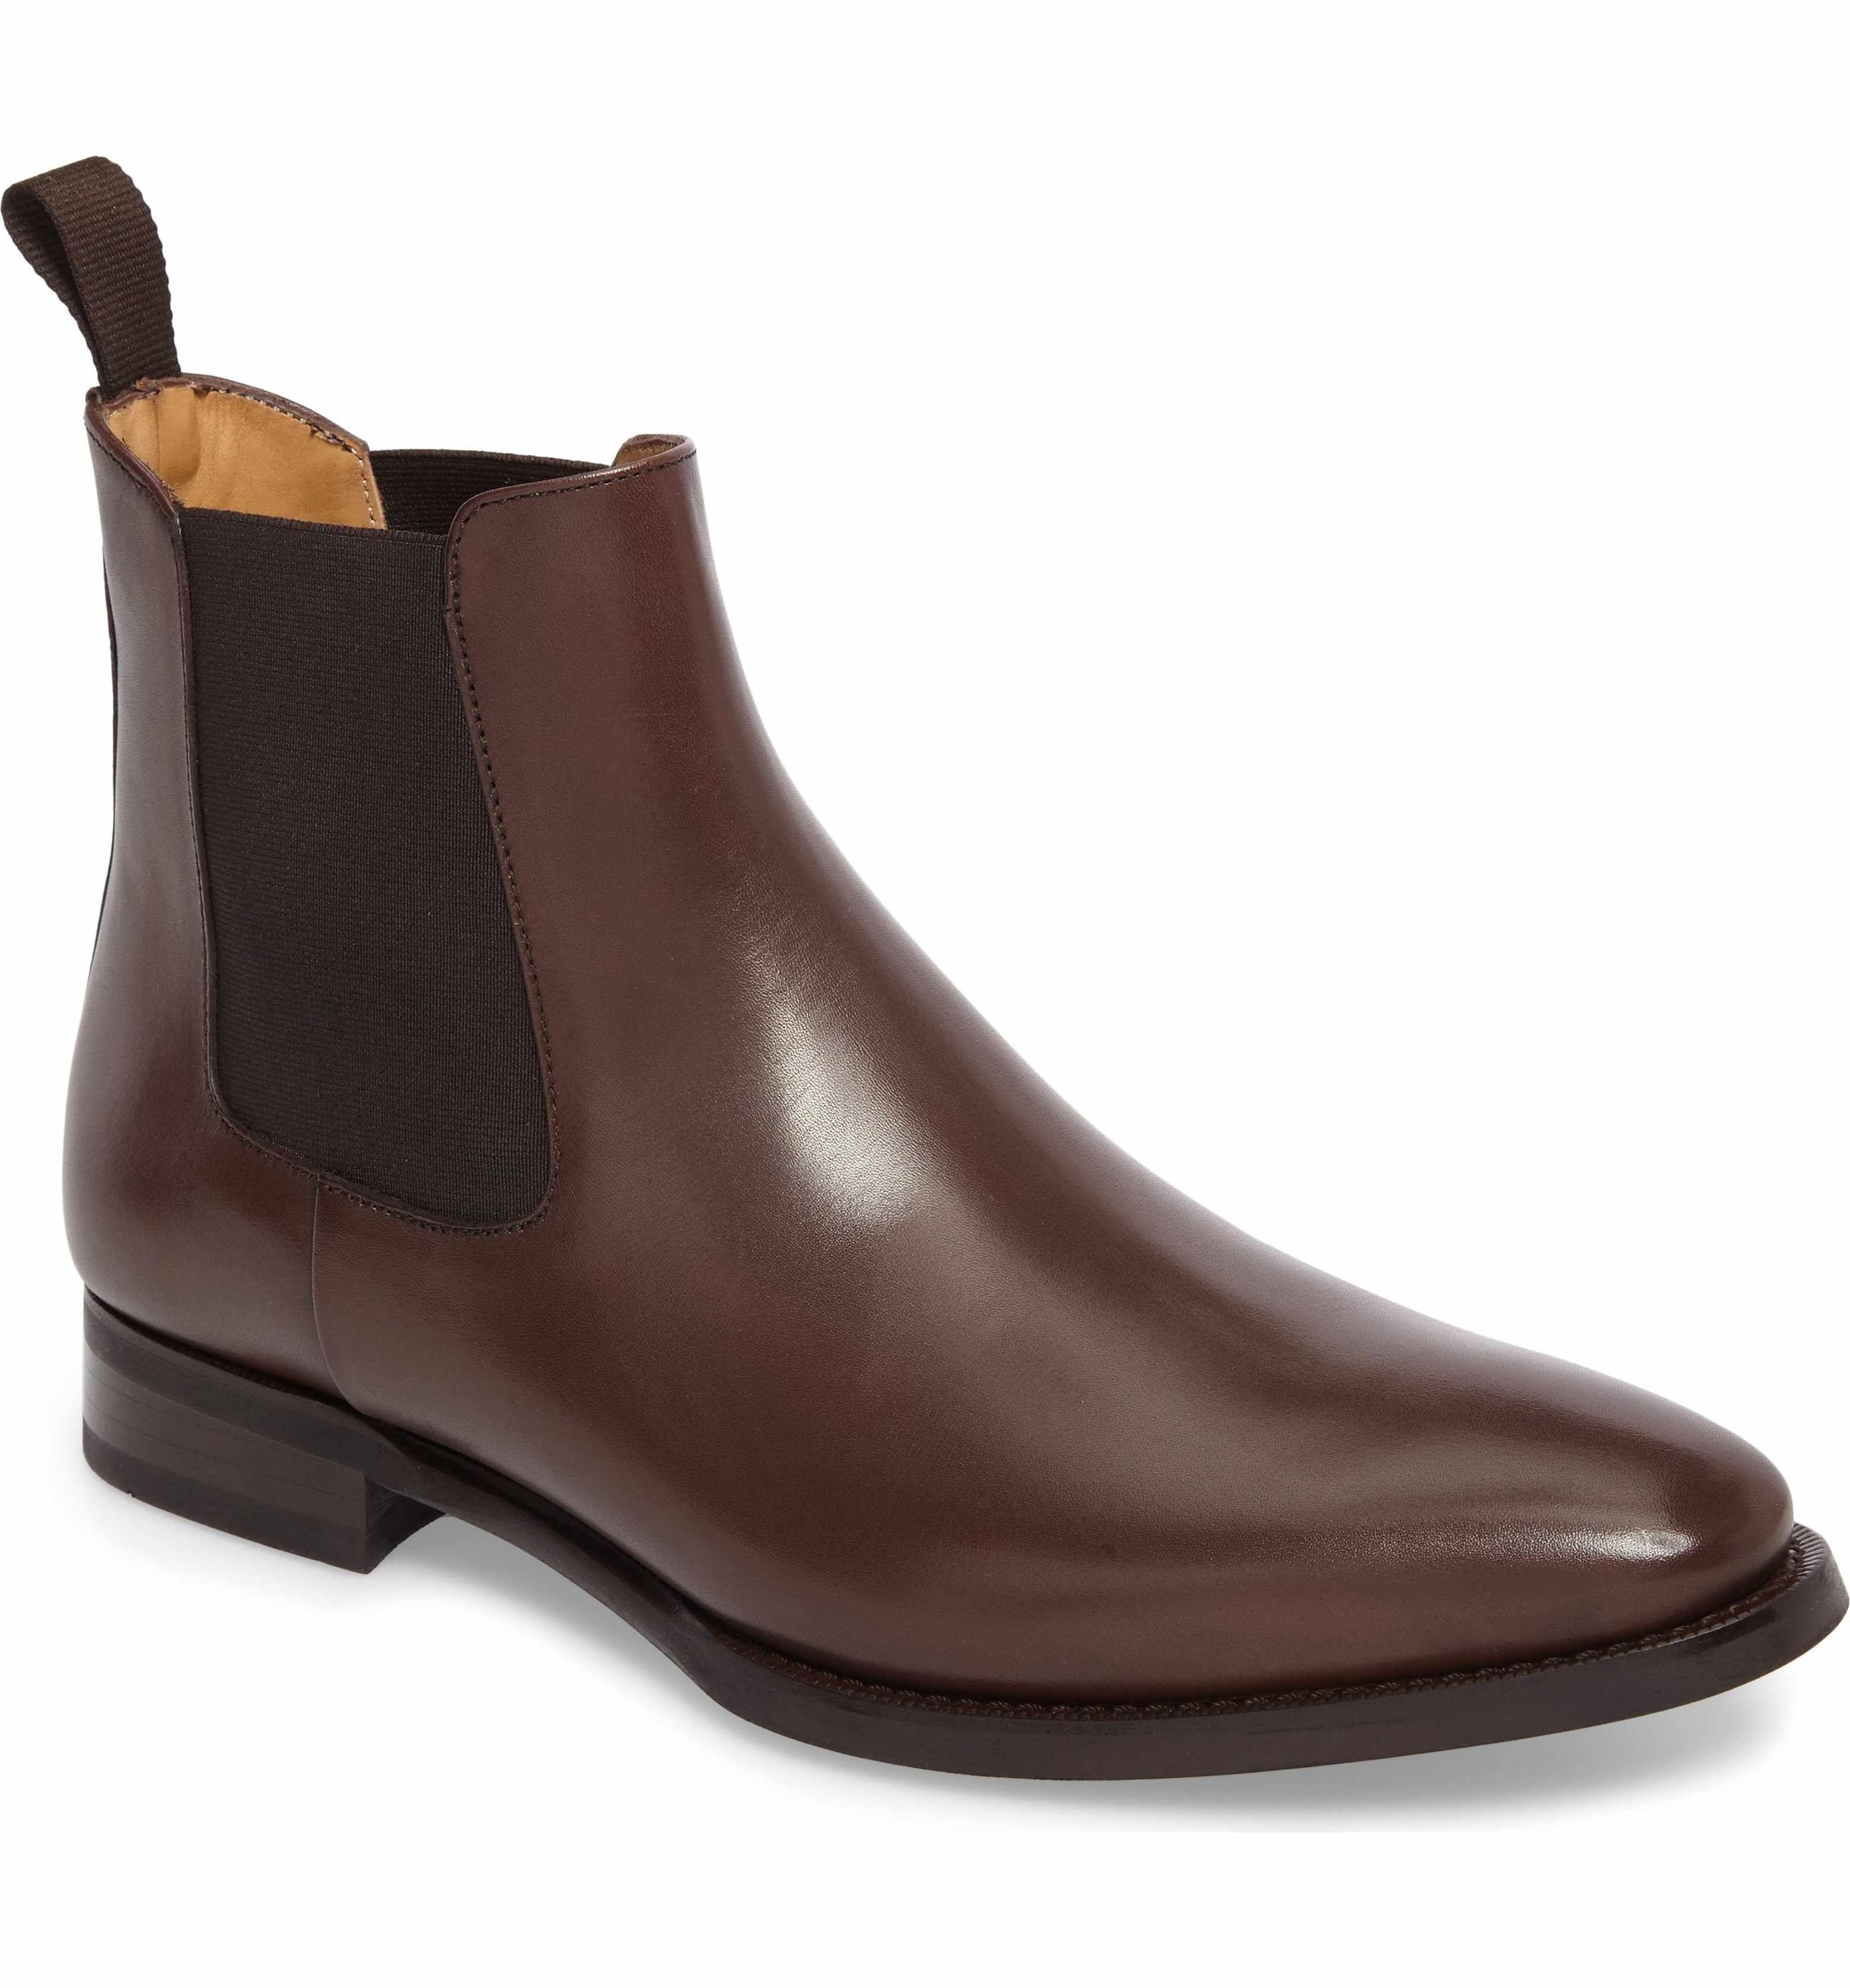 6c0fcb85473 Main Image - Jack Erwin Ellis Water Resistant Chelsea Boot (Men ...